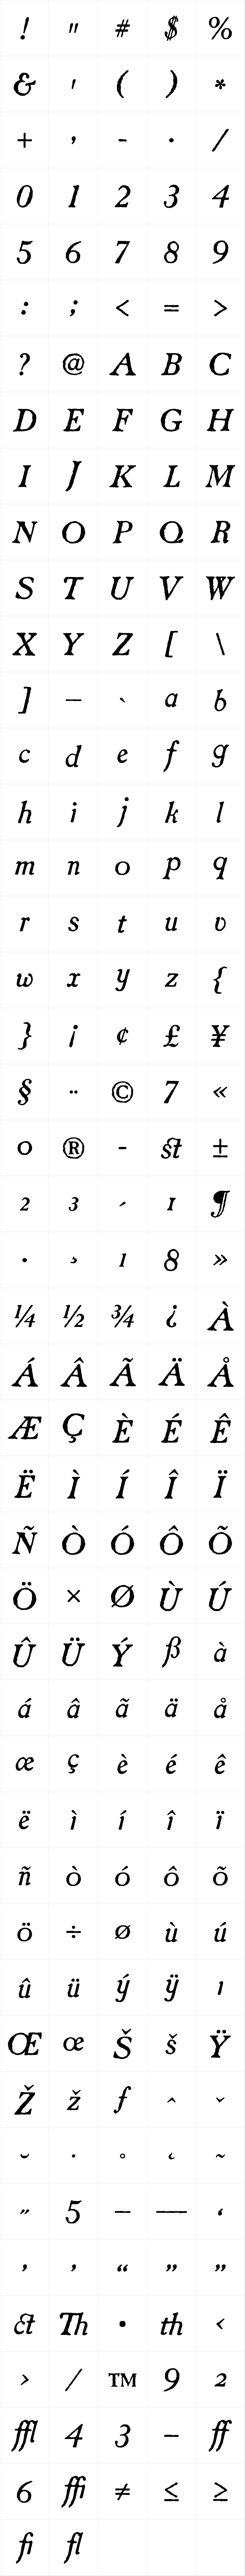 CaslonAntique Italic